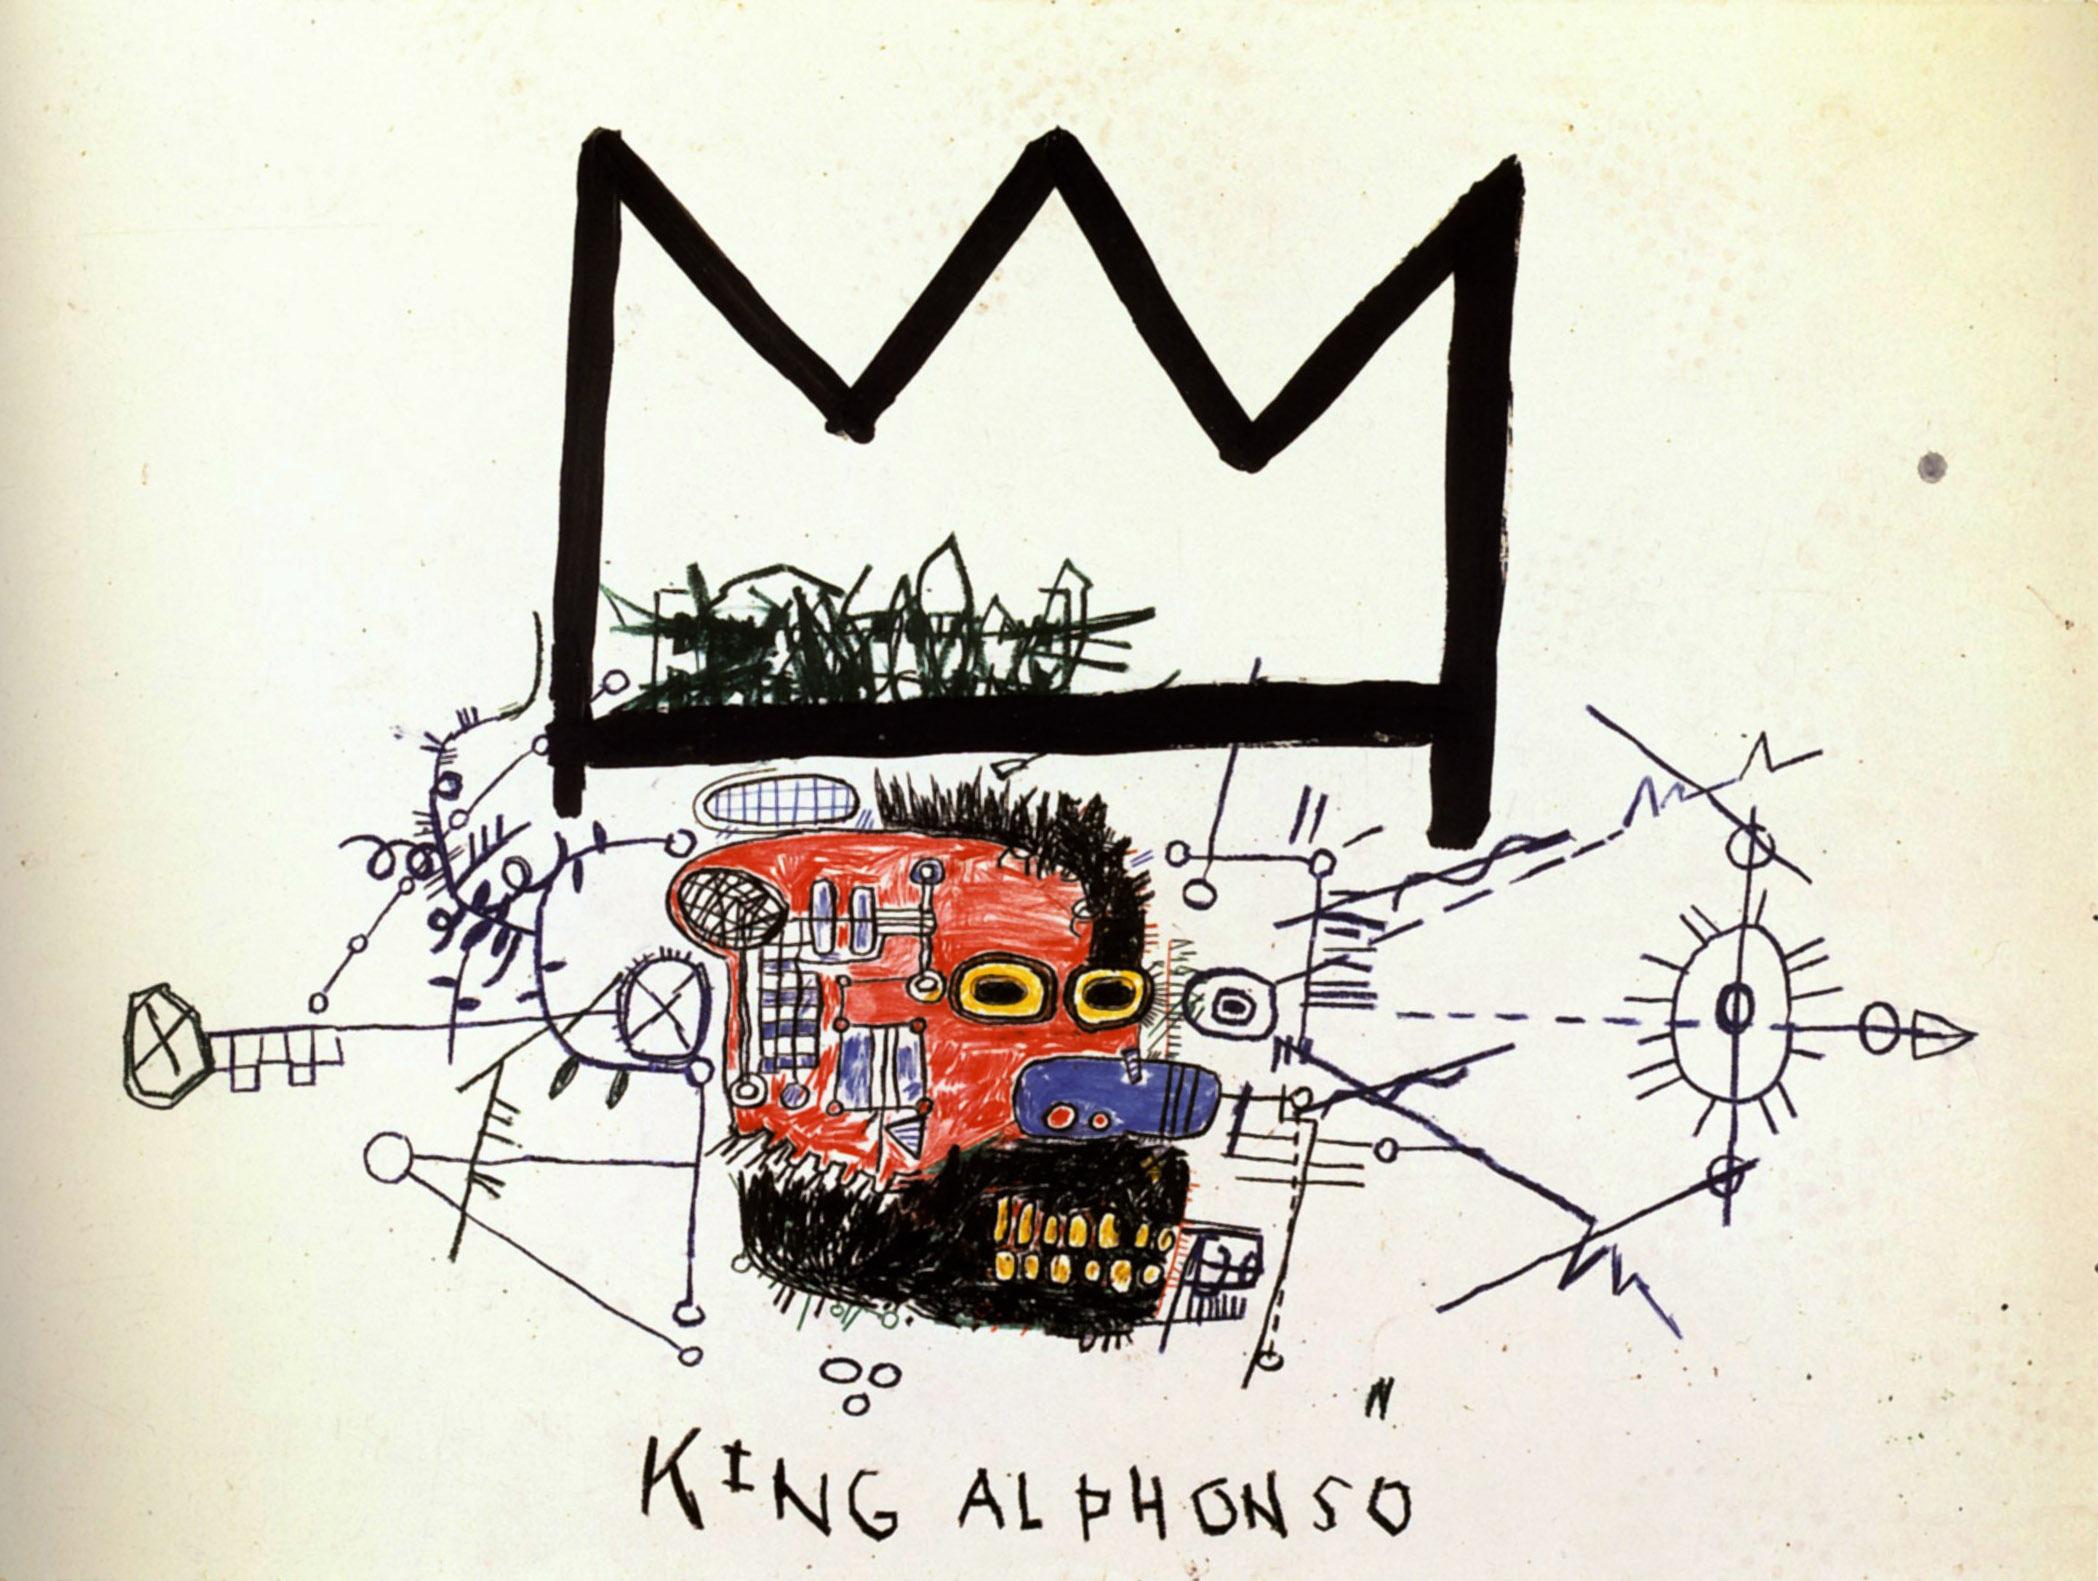 Resultado de imagem para jean-michel basquiat king alphonso